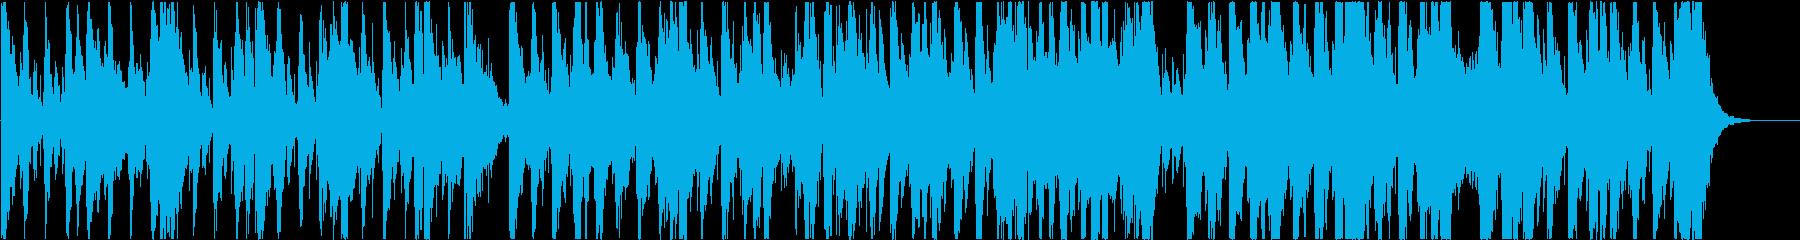 ハロウィーン、ゴースト、オーケストラの再生済みの波形